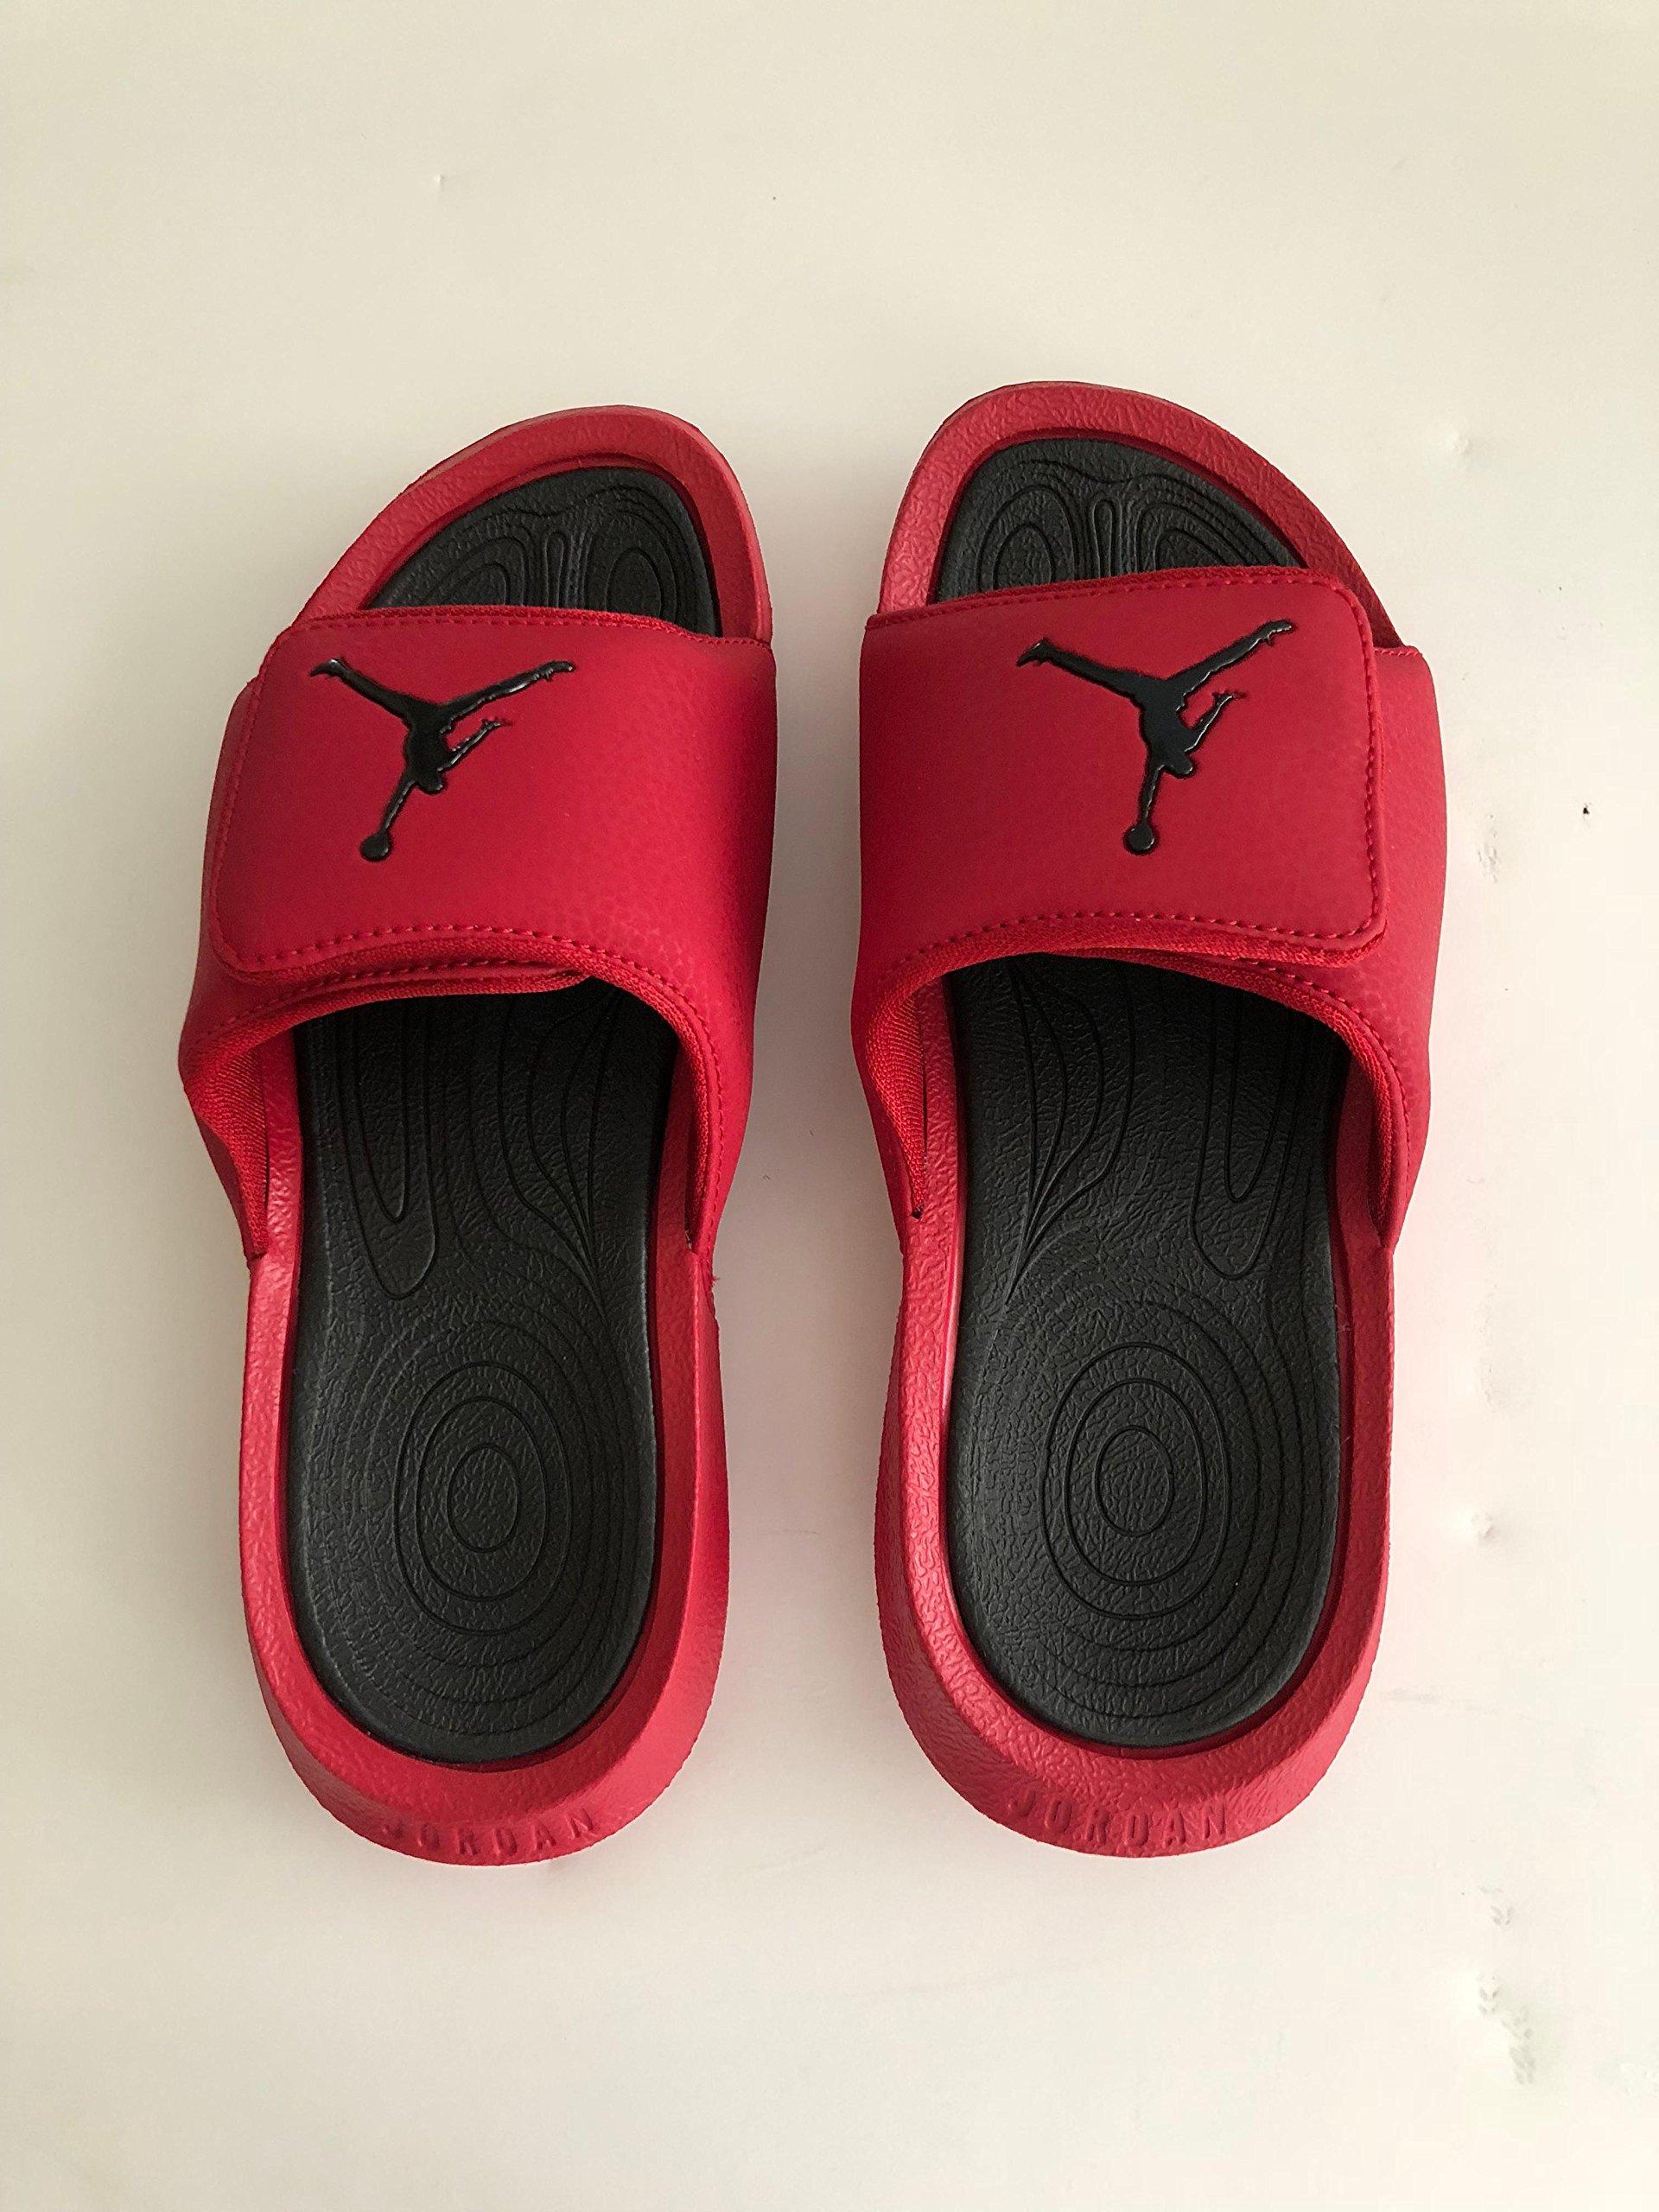 Hydro Bg 6 Nike 7 Gym Size Red Kids Sandal Black Jordan reCBdoWx